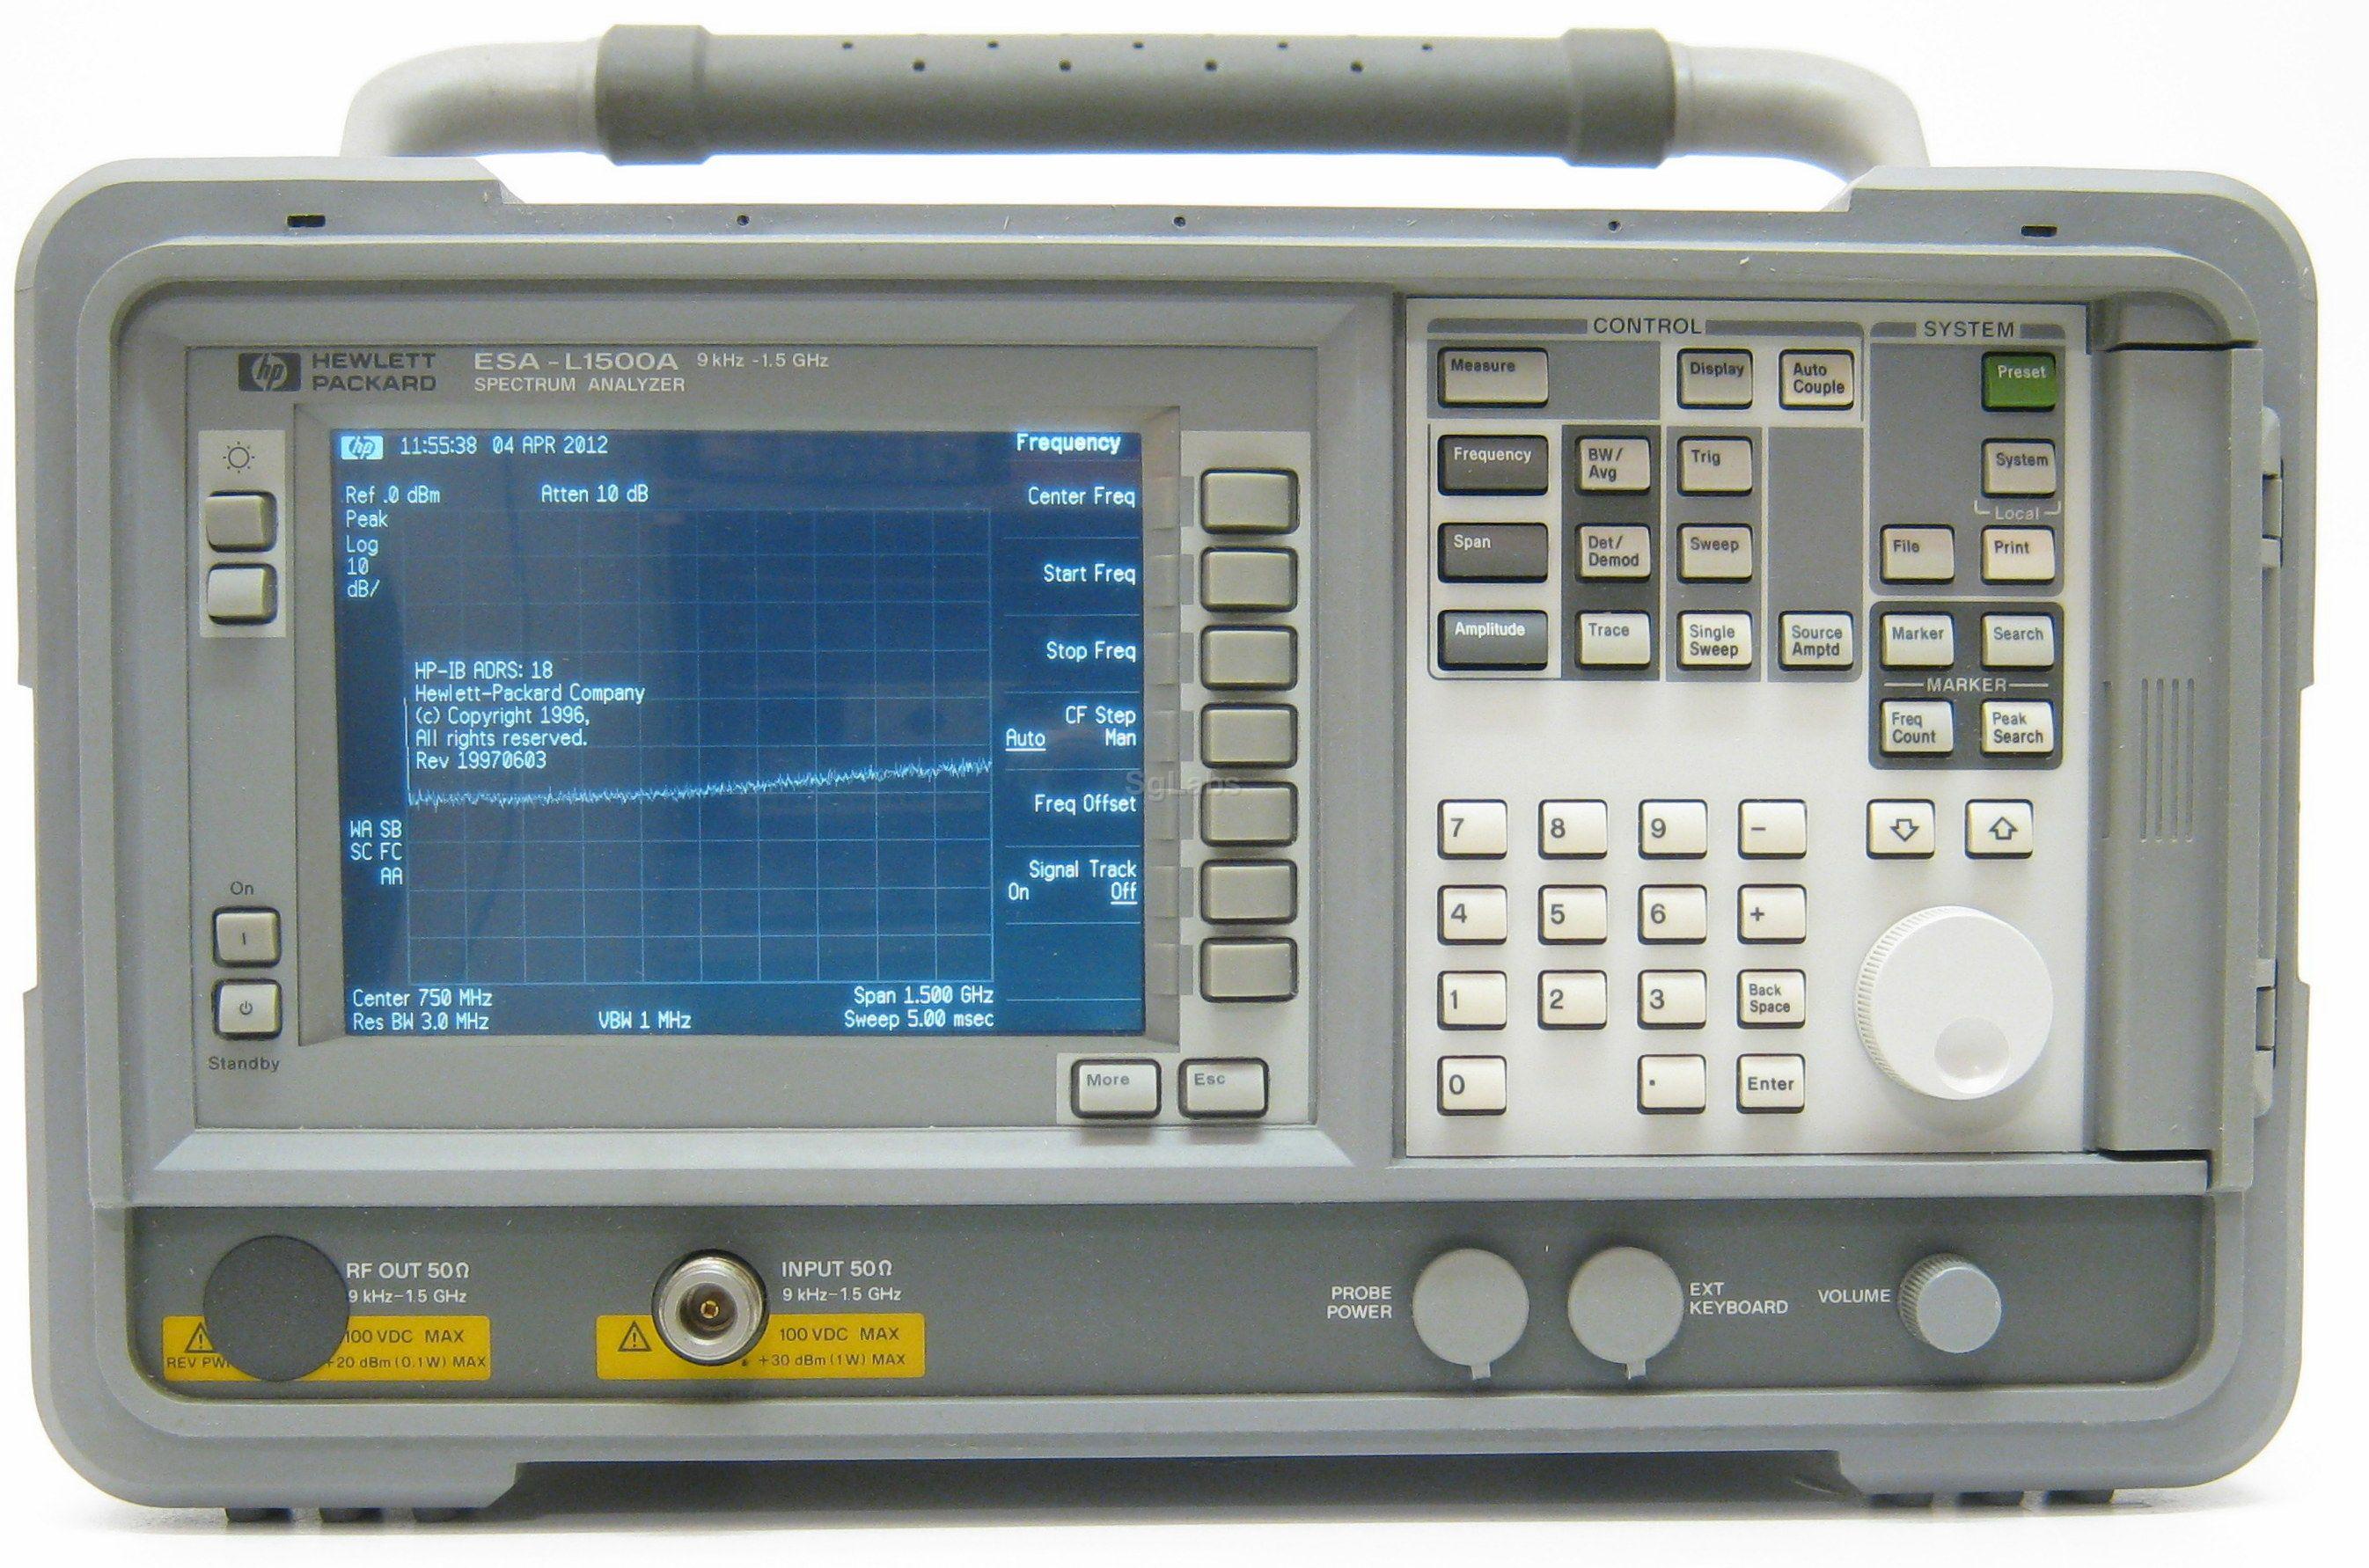 Hp Agilent Keysight Esa L1500a E4411a